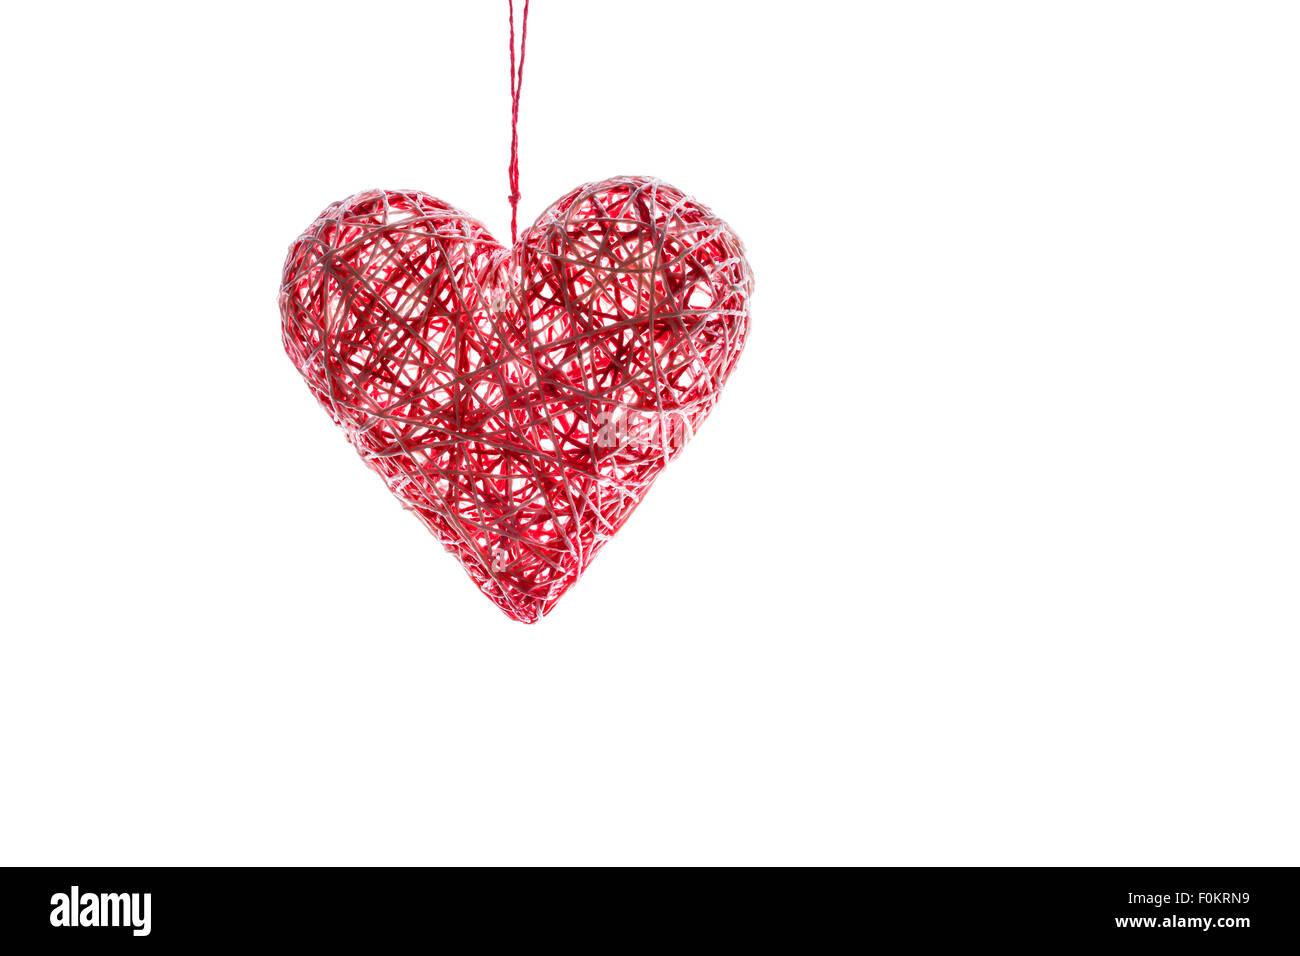 Coeur Rouge Fait Main Du Thread Cadeau Pour La Saint Valentin Le Concept De L Amour Et La Passion Isole Sur Fond Blanc Photo Stock Alamy